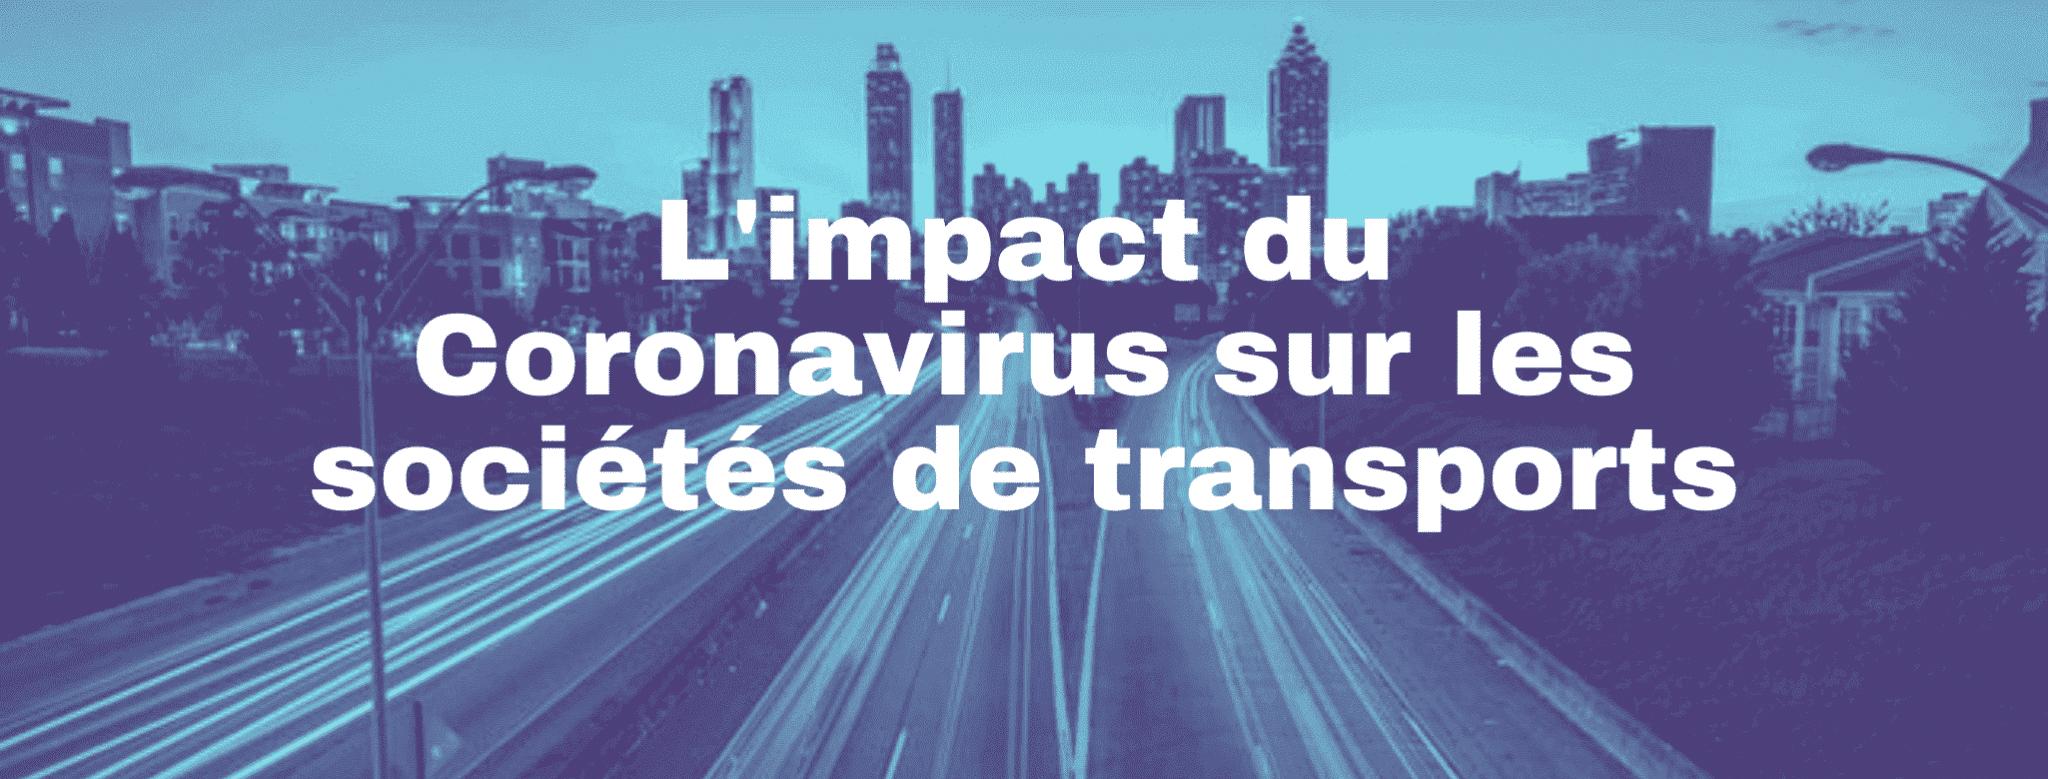 L'impact du coronavirus sur les sociétés de transport